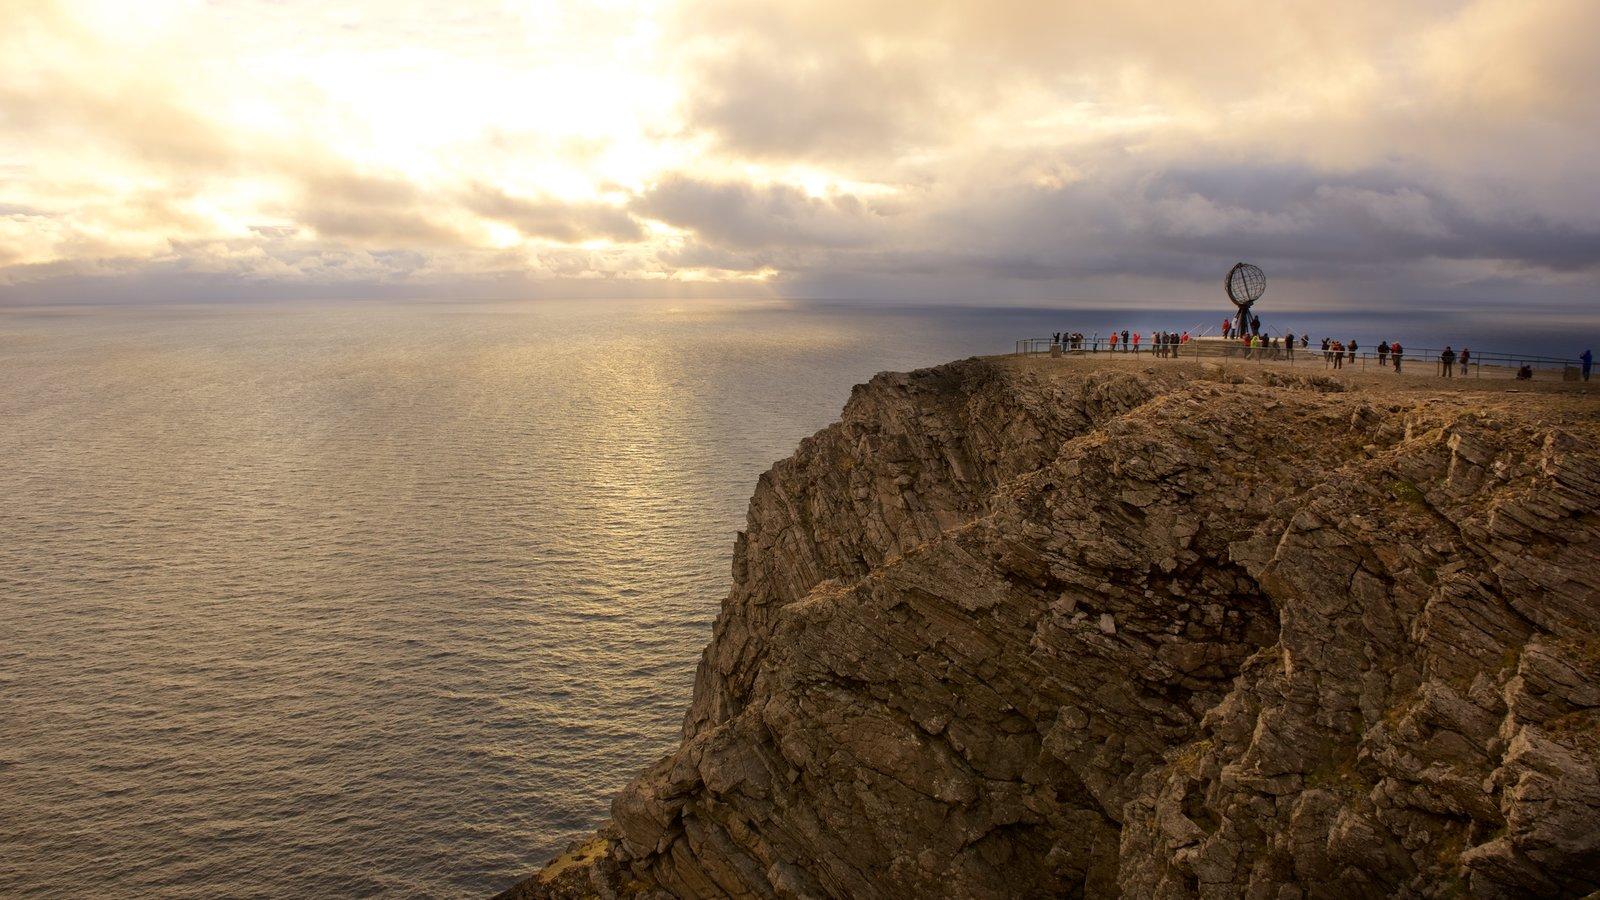 North Cape ofreciendo una puesta de sol, vistas generales de la costa y vistas